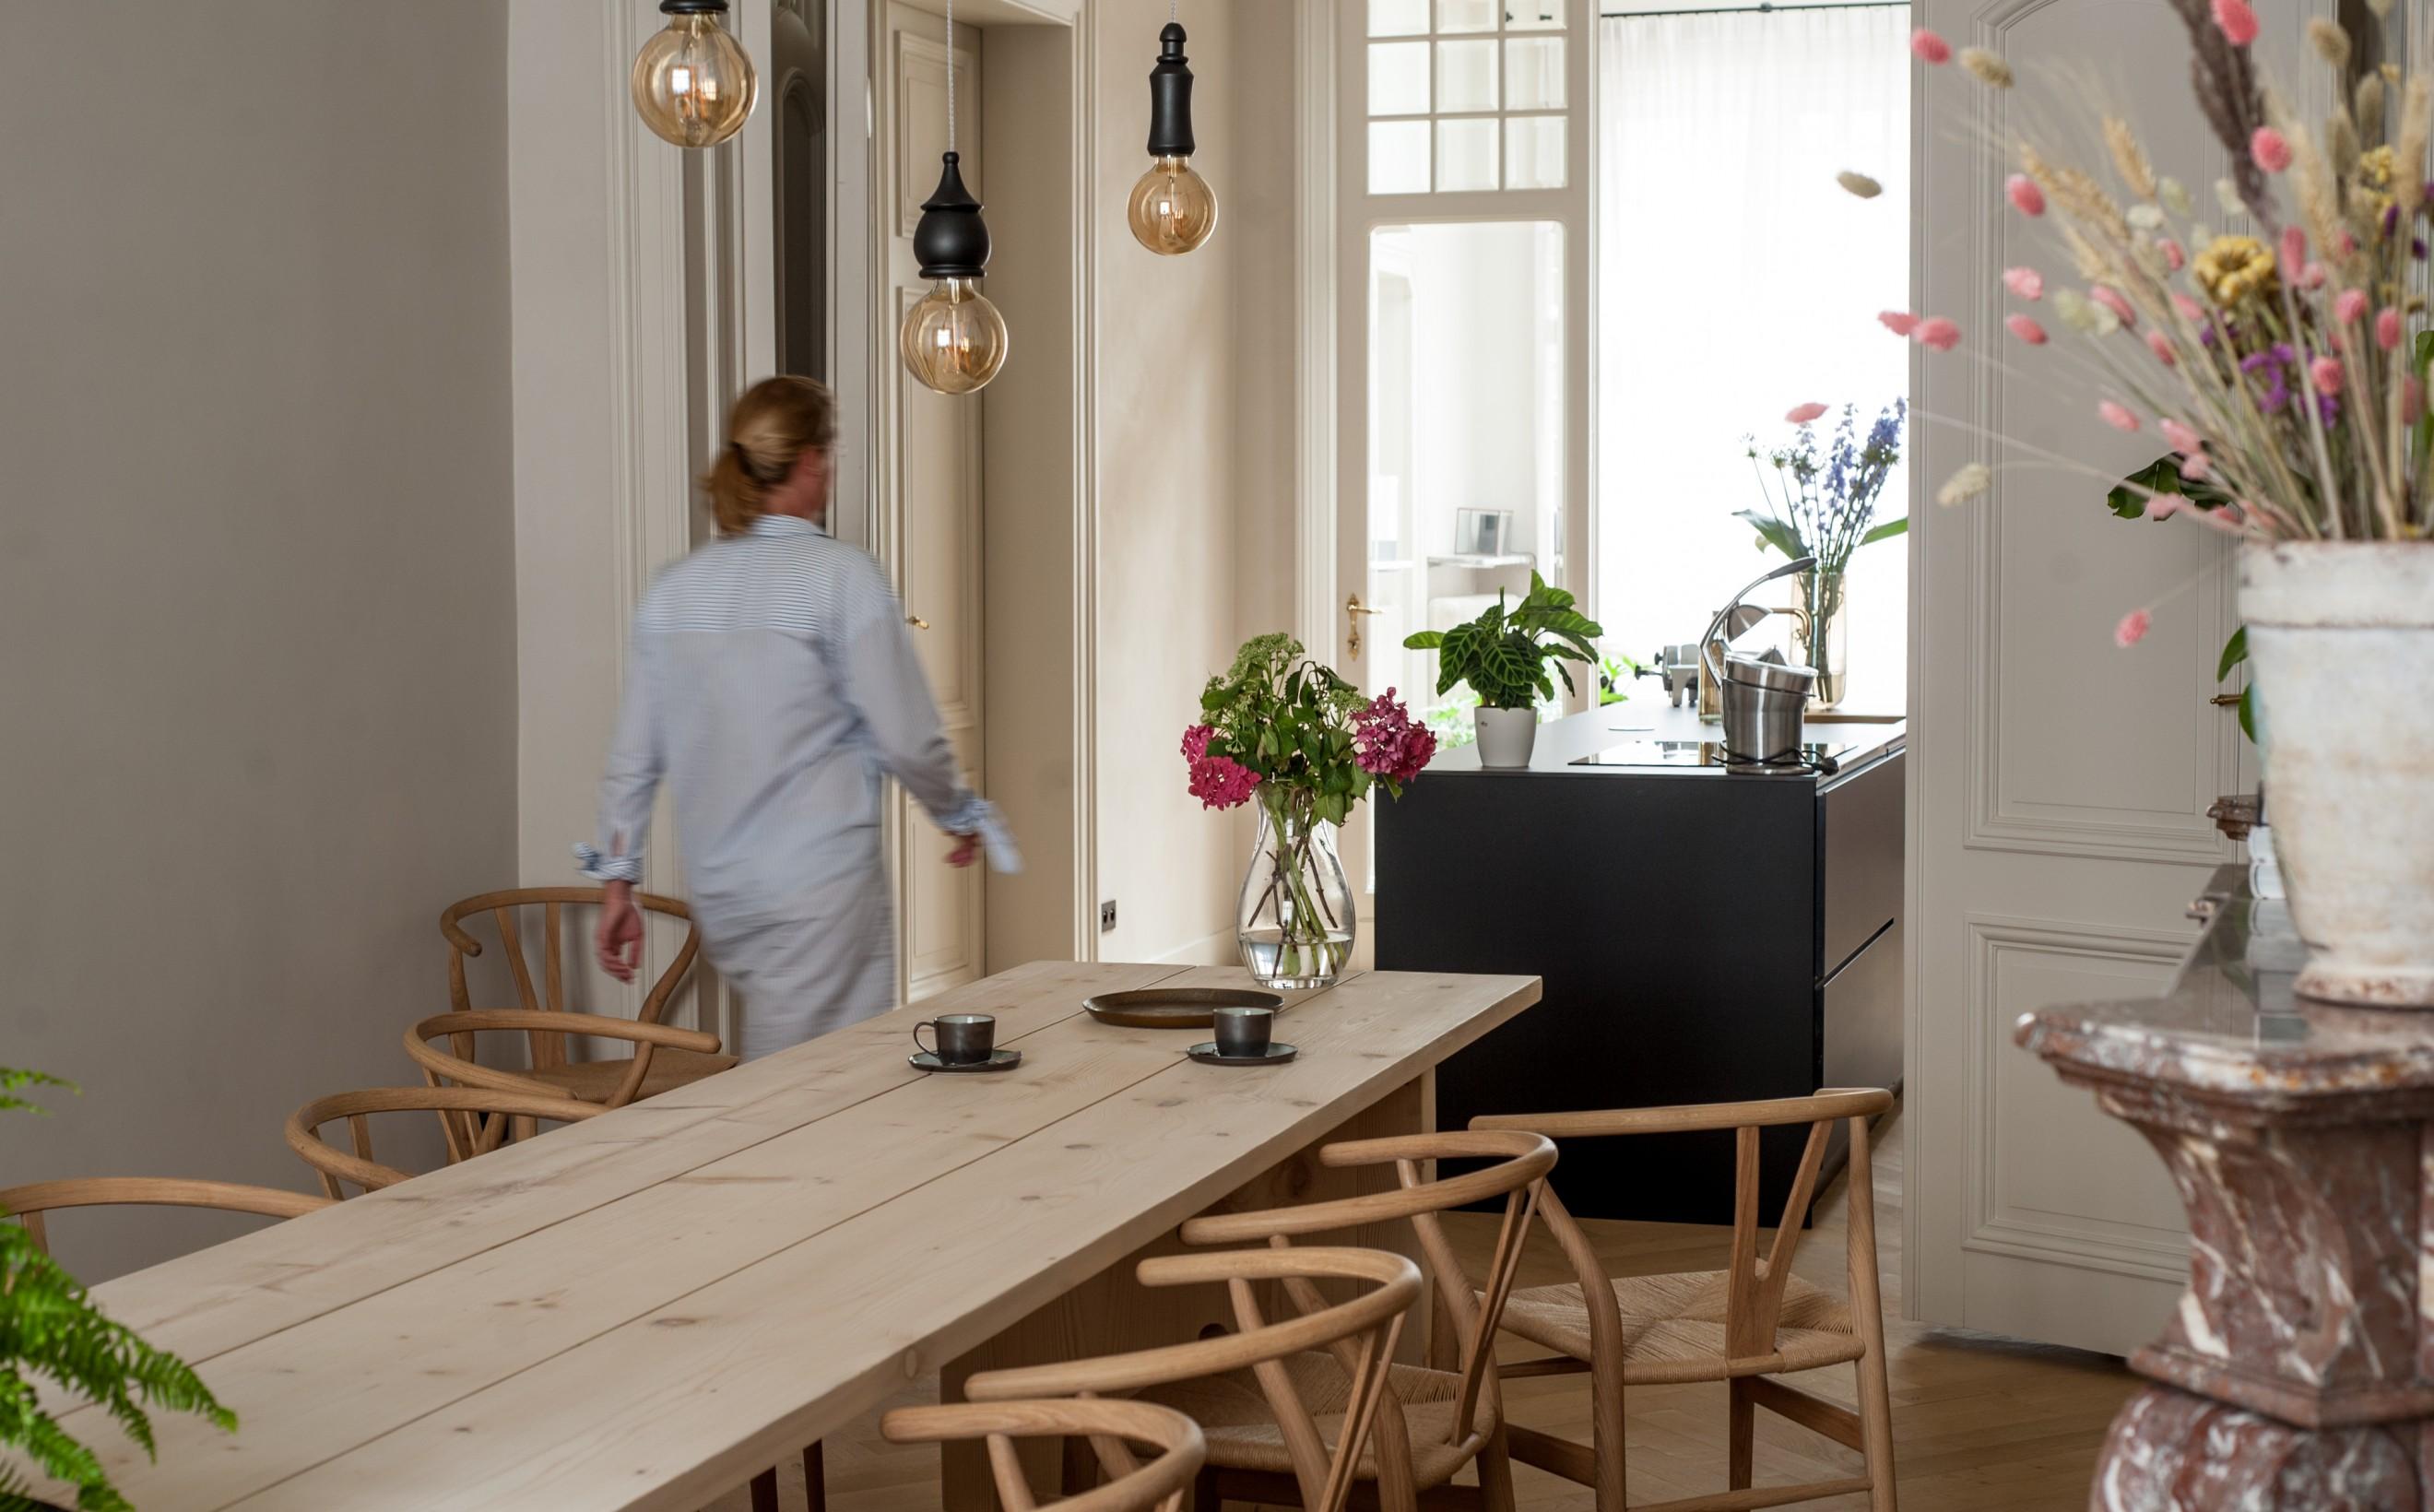 Salle à manger élégante et contemporaine, assise sur la chaise CH24 Wishbone Victors Design Agency